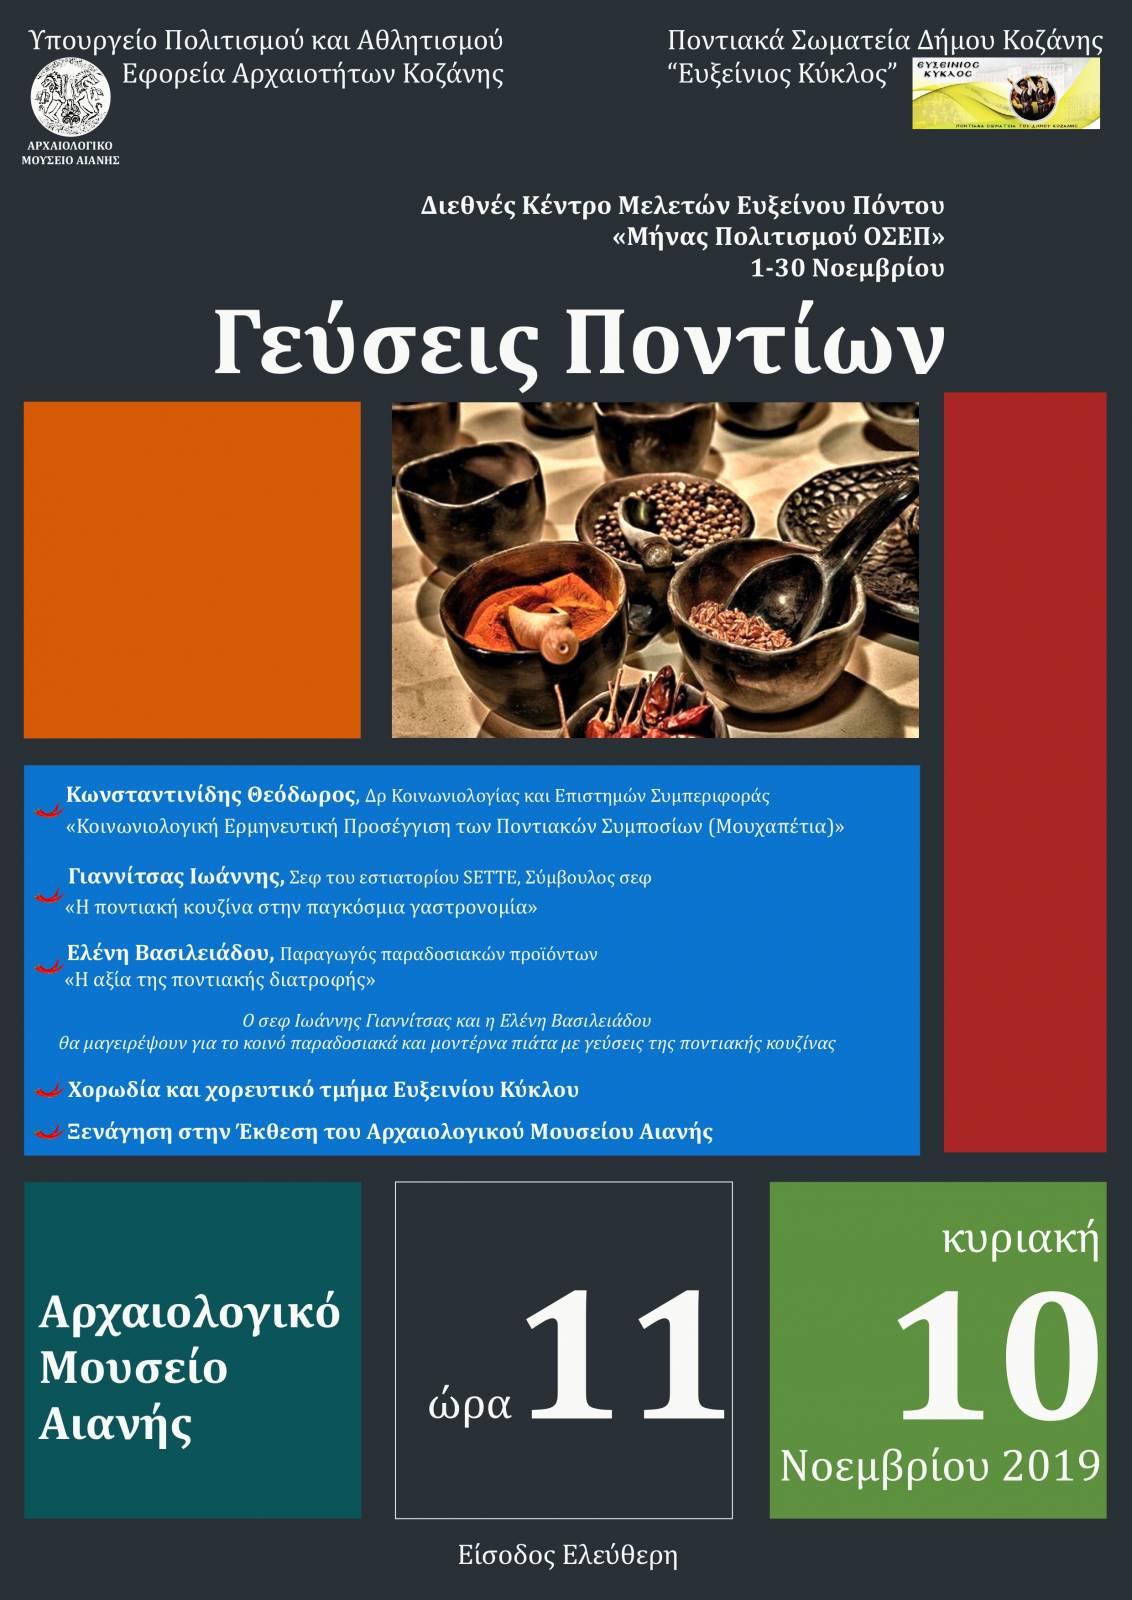 «Γεύσεις Ποντίων» από την Εφορεία Αρχαιοτήτων Κοζάνης και τα Ποντιακά Σωματεία Δήμου Κοζάνης «Ευξείνιος Κύκλος»